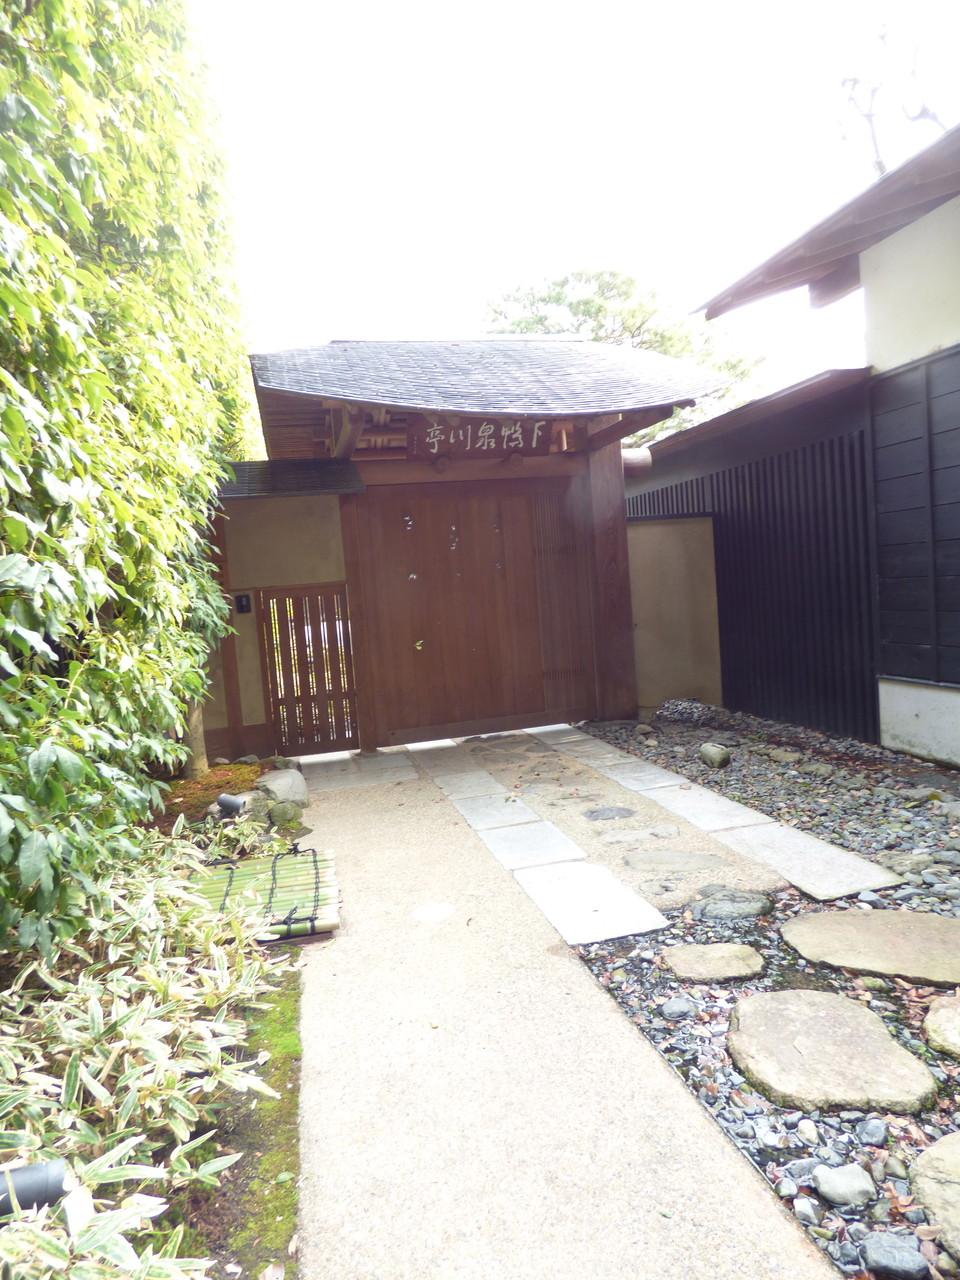 石村亭からほんの少し北。川端康成が住んでいた泉川邸